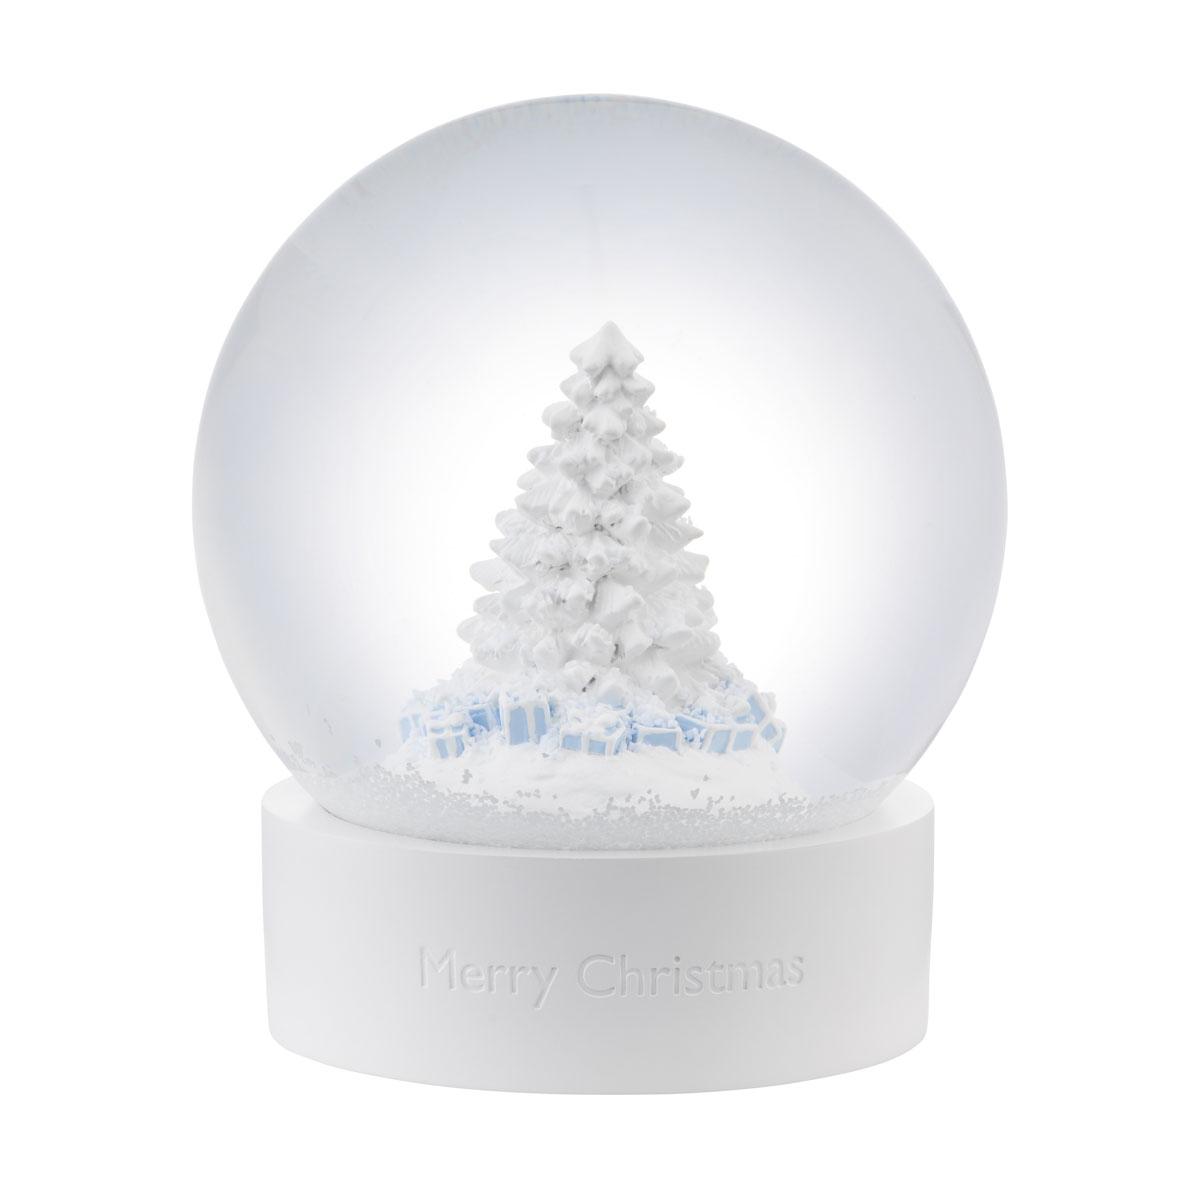 Wedgwood Snowglobe 2021